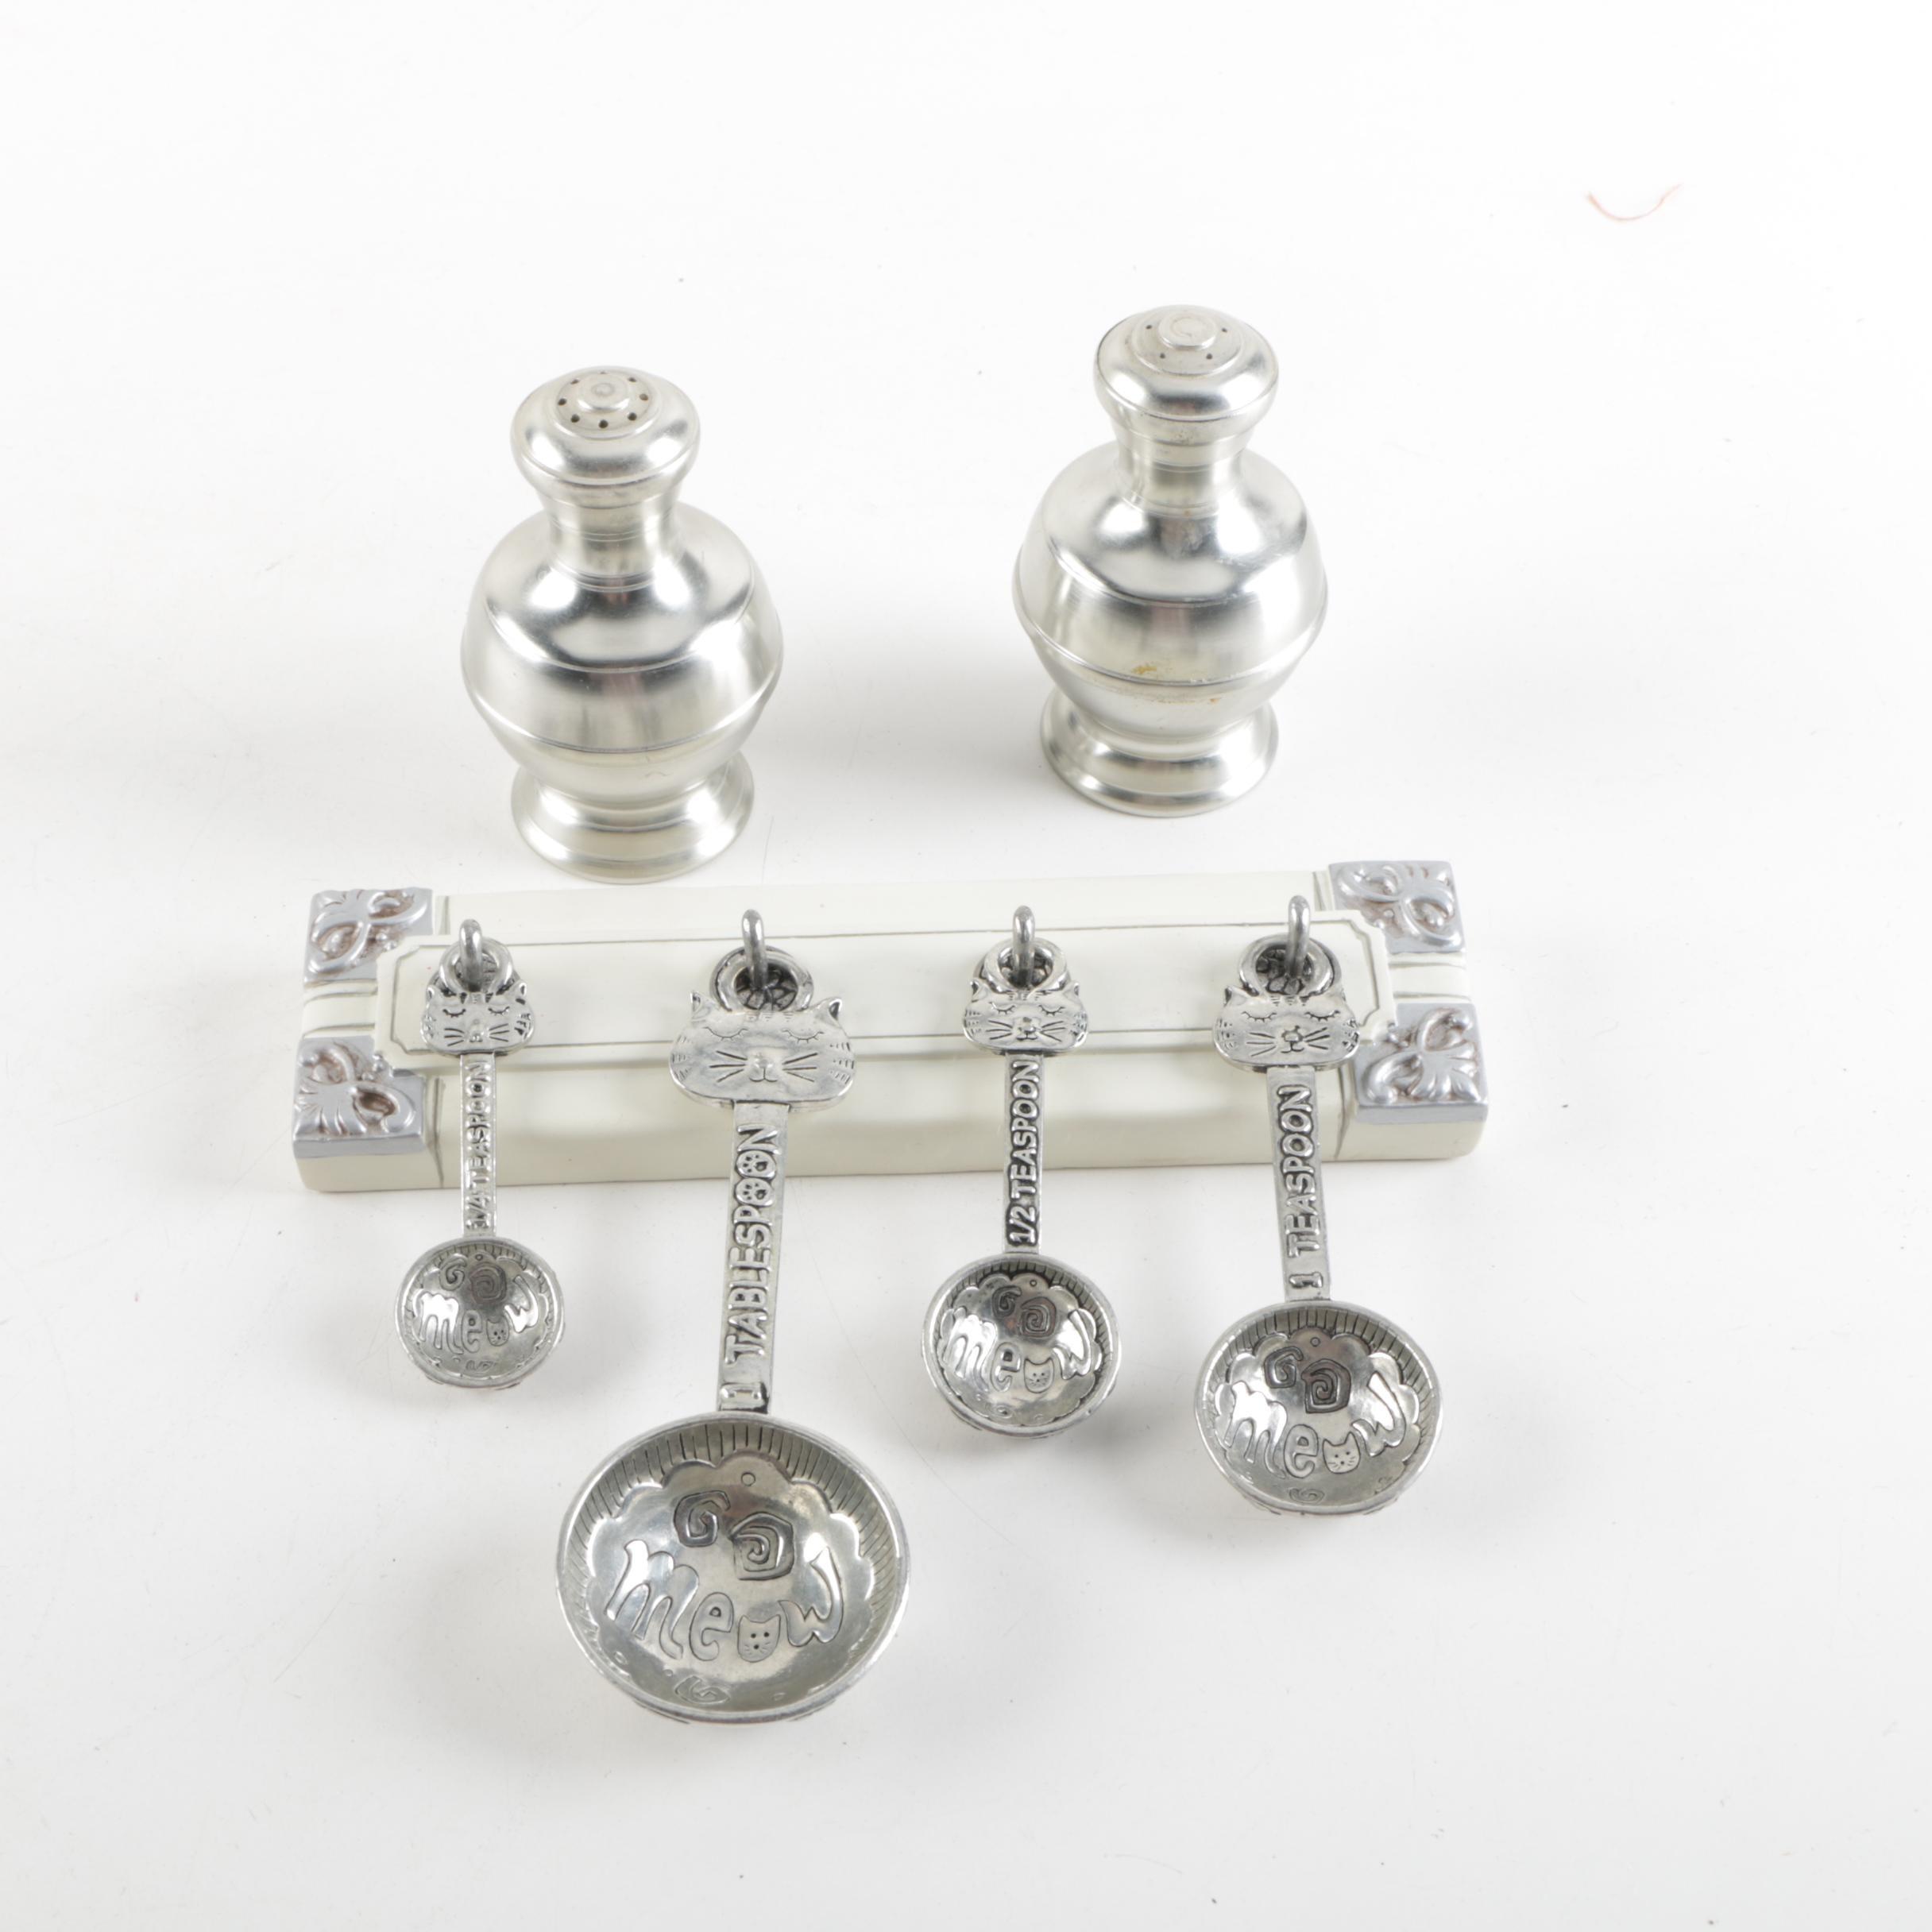 Vintage Metawa Pewter Shakers with Cat Motif Measuring Spoons